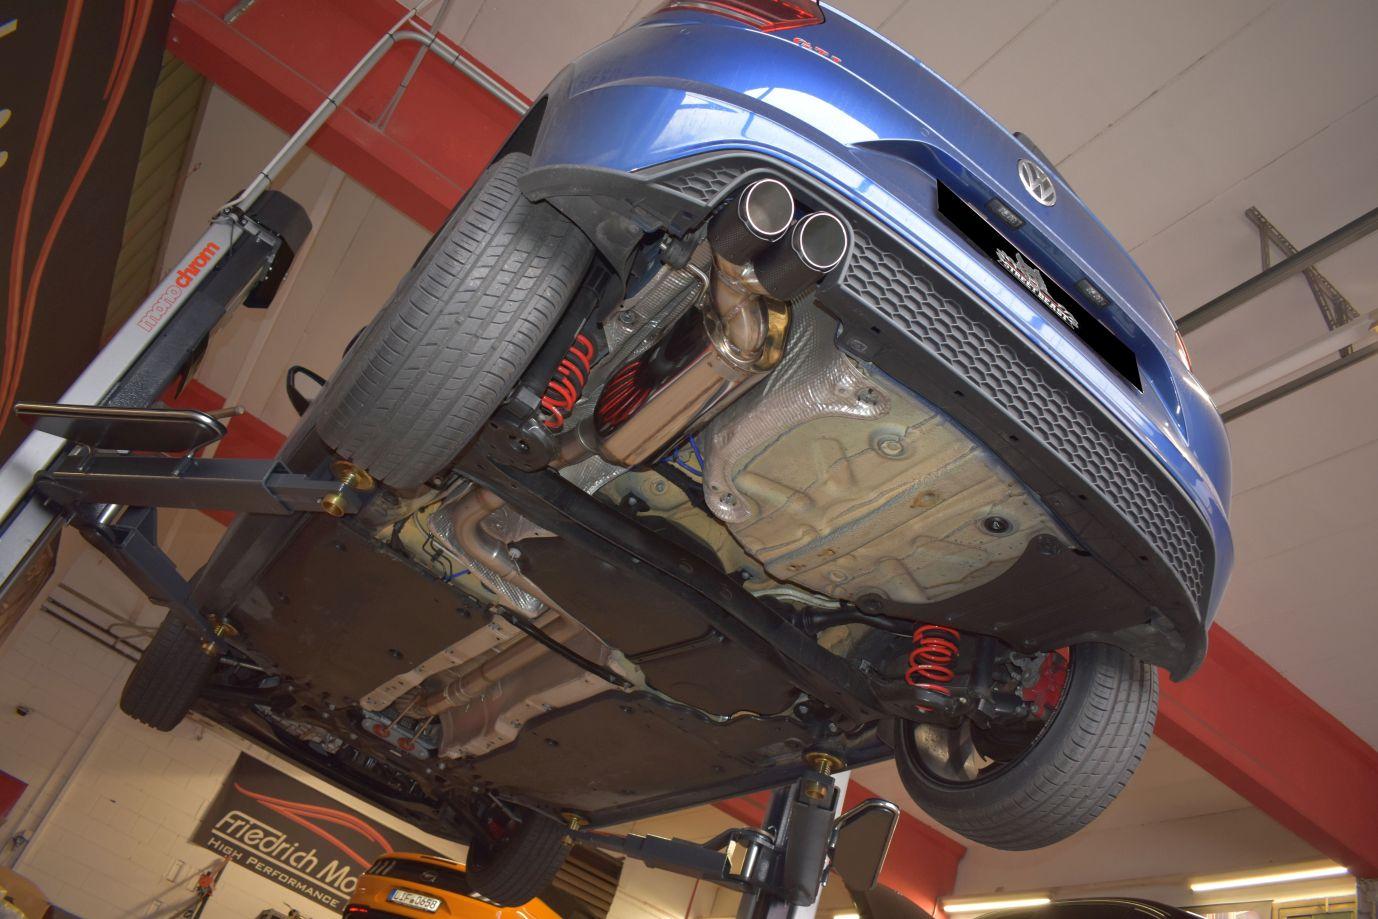 Streetbeast 70mm Sportauspuff Single-Anlage mit Klappensteuerung VW Polo AW GTI